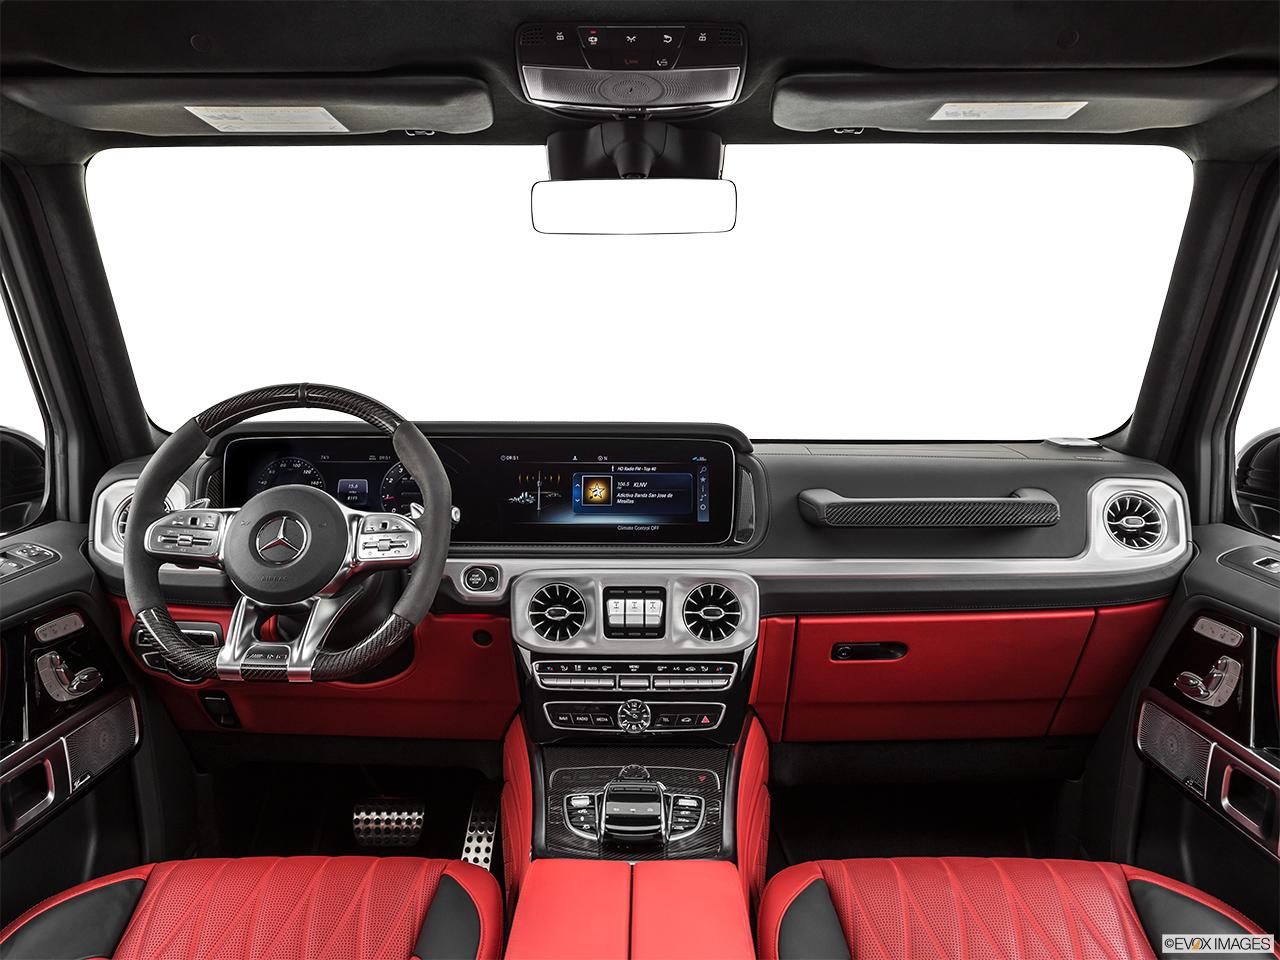 مرسيدس بنز جي كلاس 2021 G500 في الإمارات أسعار السيارات الجديدة المواصفات تقارير وصور يللا موتور